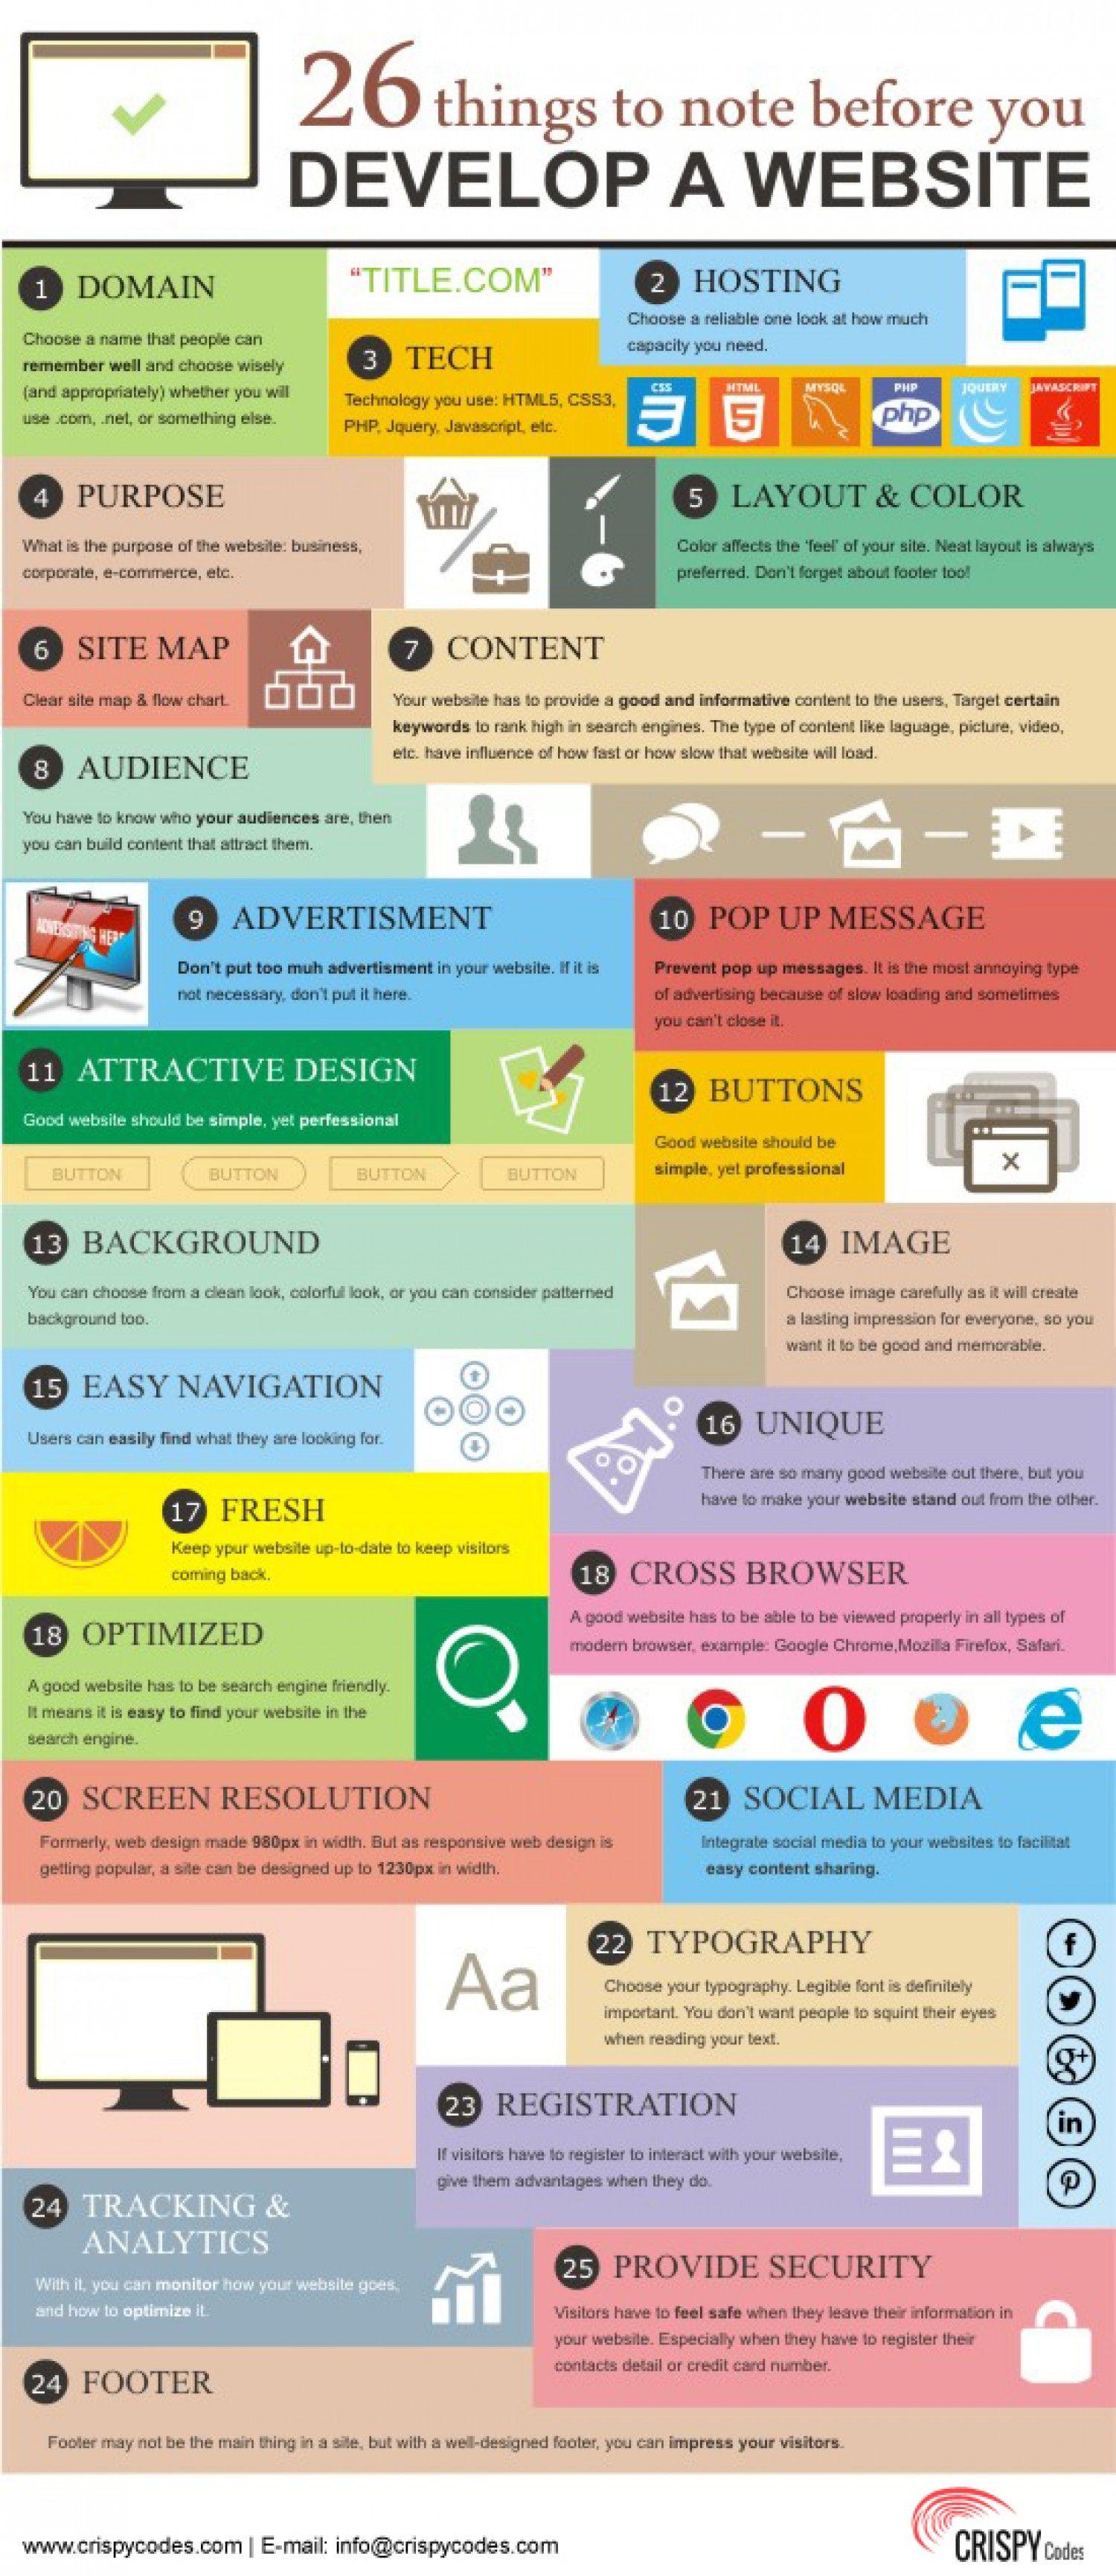 26 cosas para validar antes de desarrollar un website